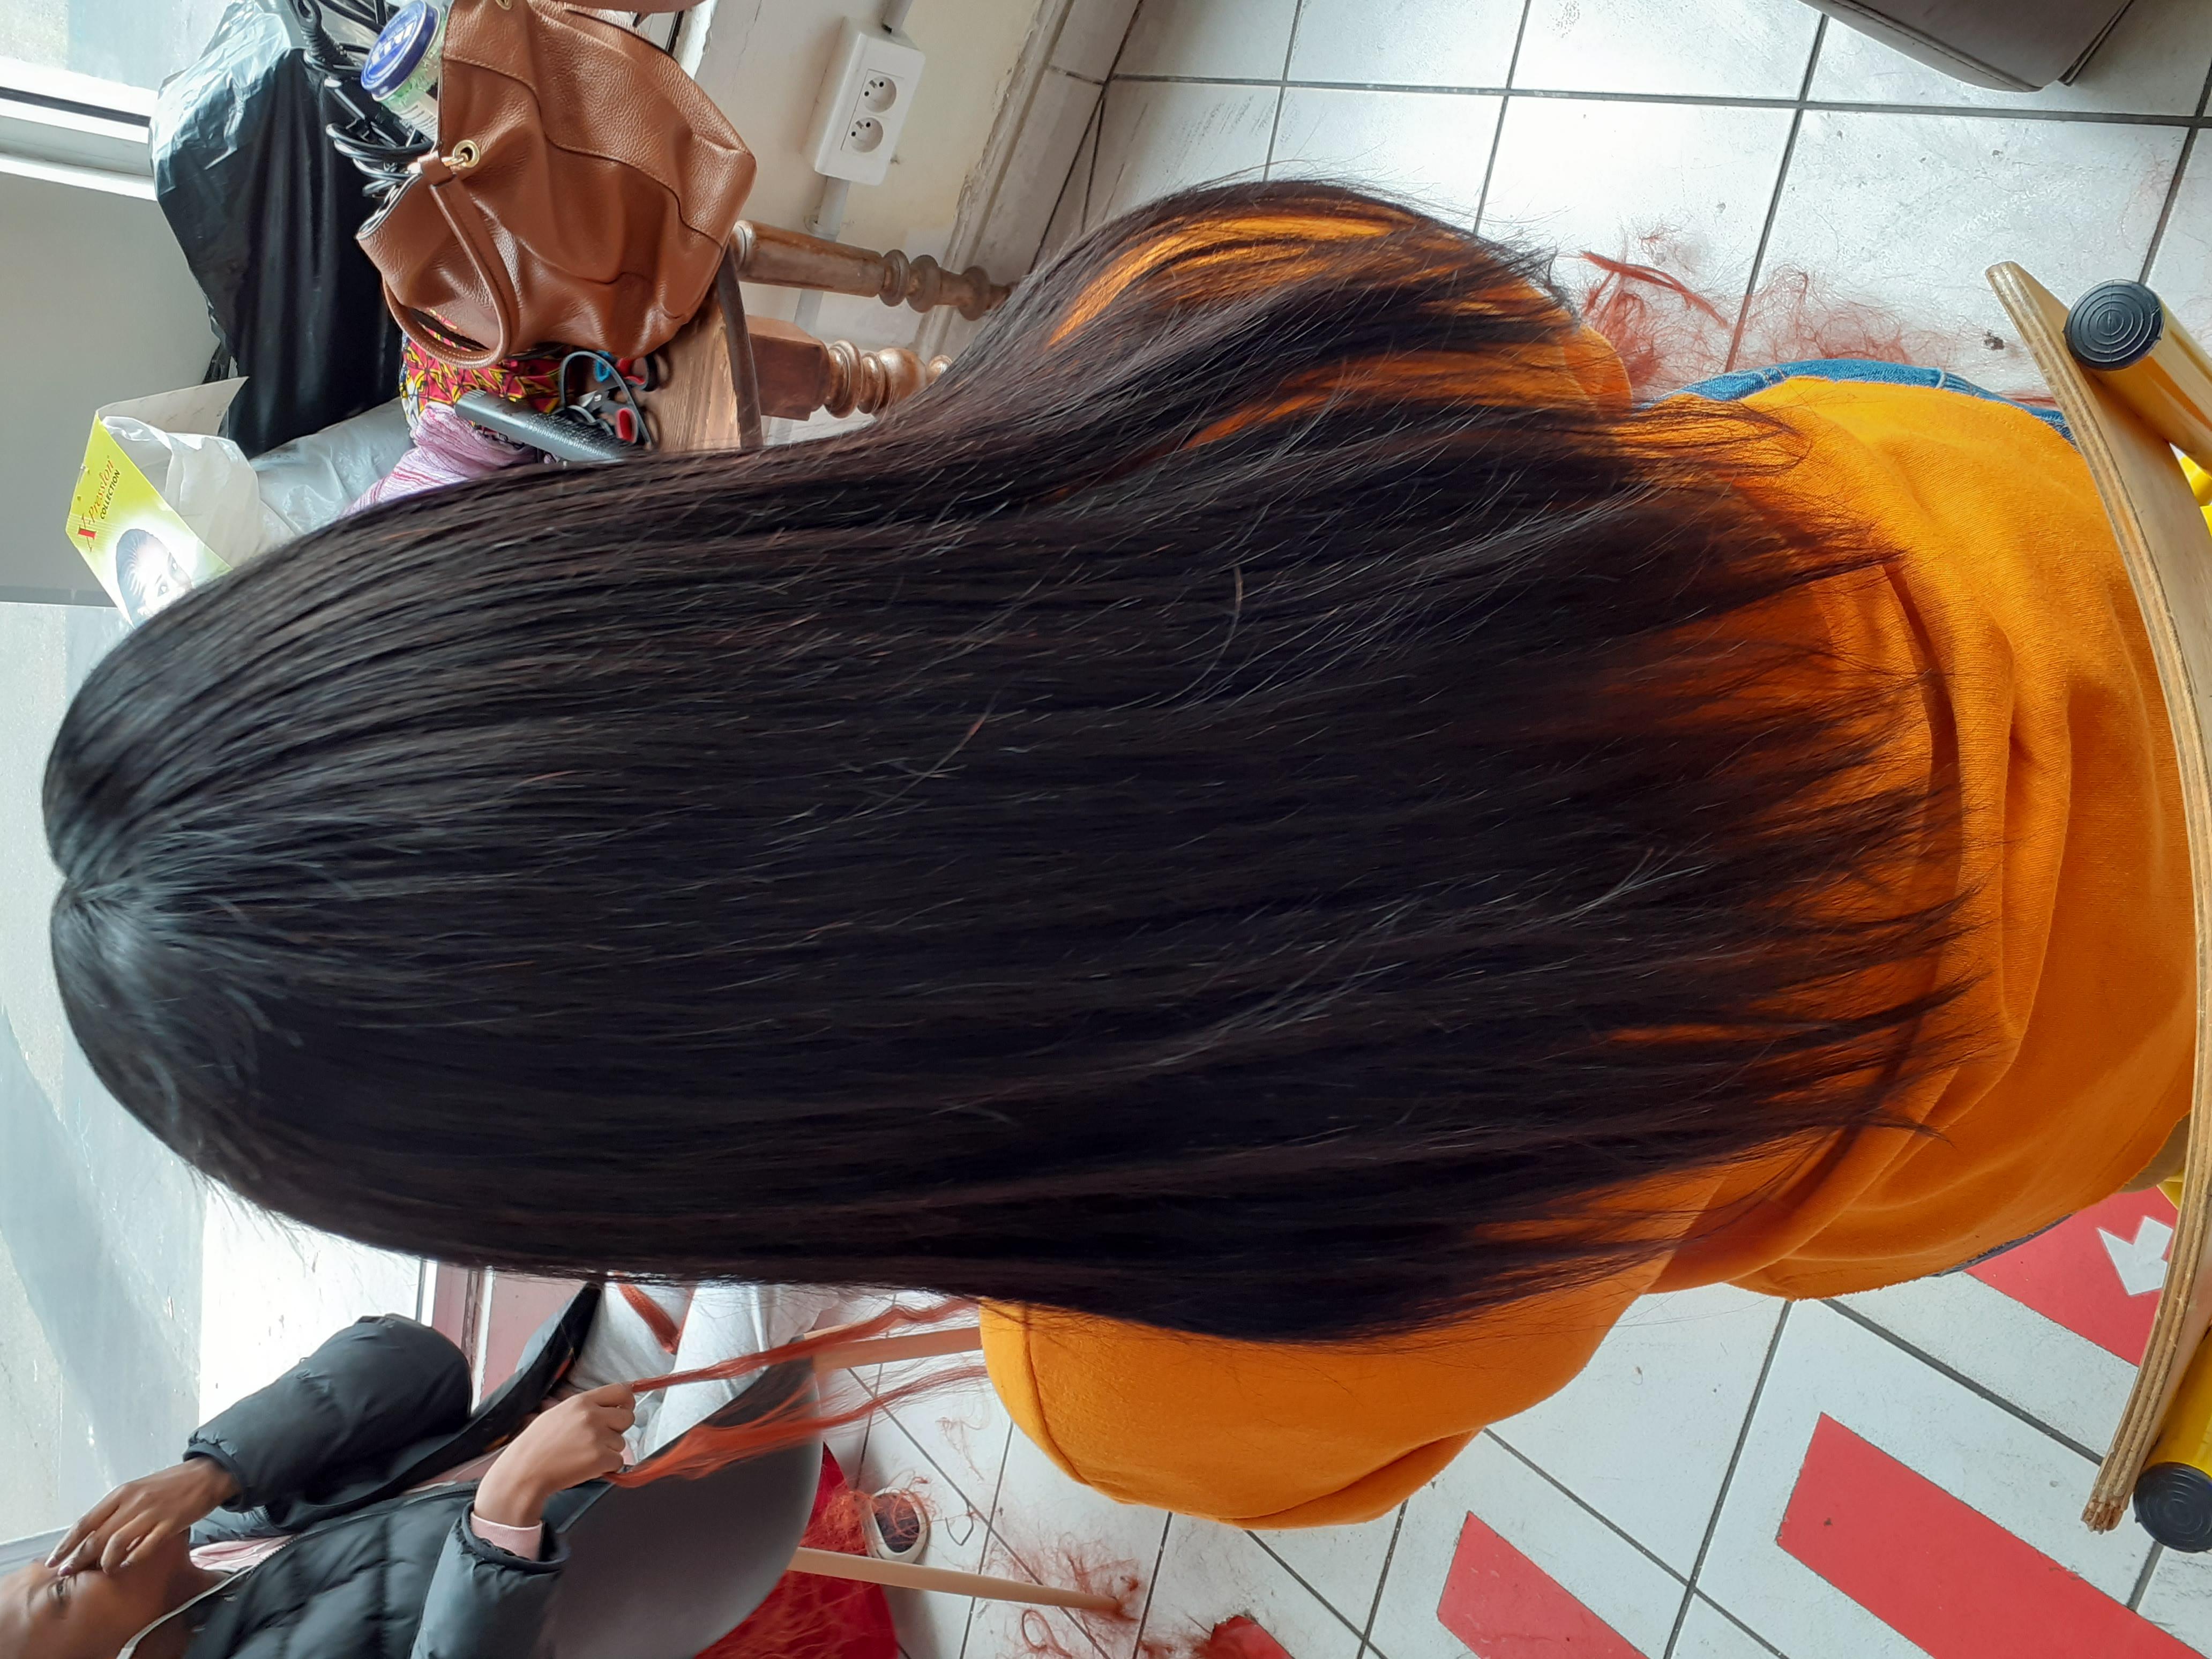 salon de coiffure afro tresse tresses box braids crochet braids vanilles tissages paris 75 77 78 91 92 93 94 95 INDJNGCE